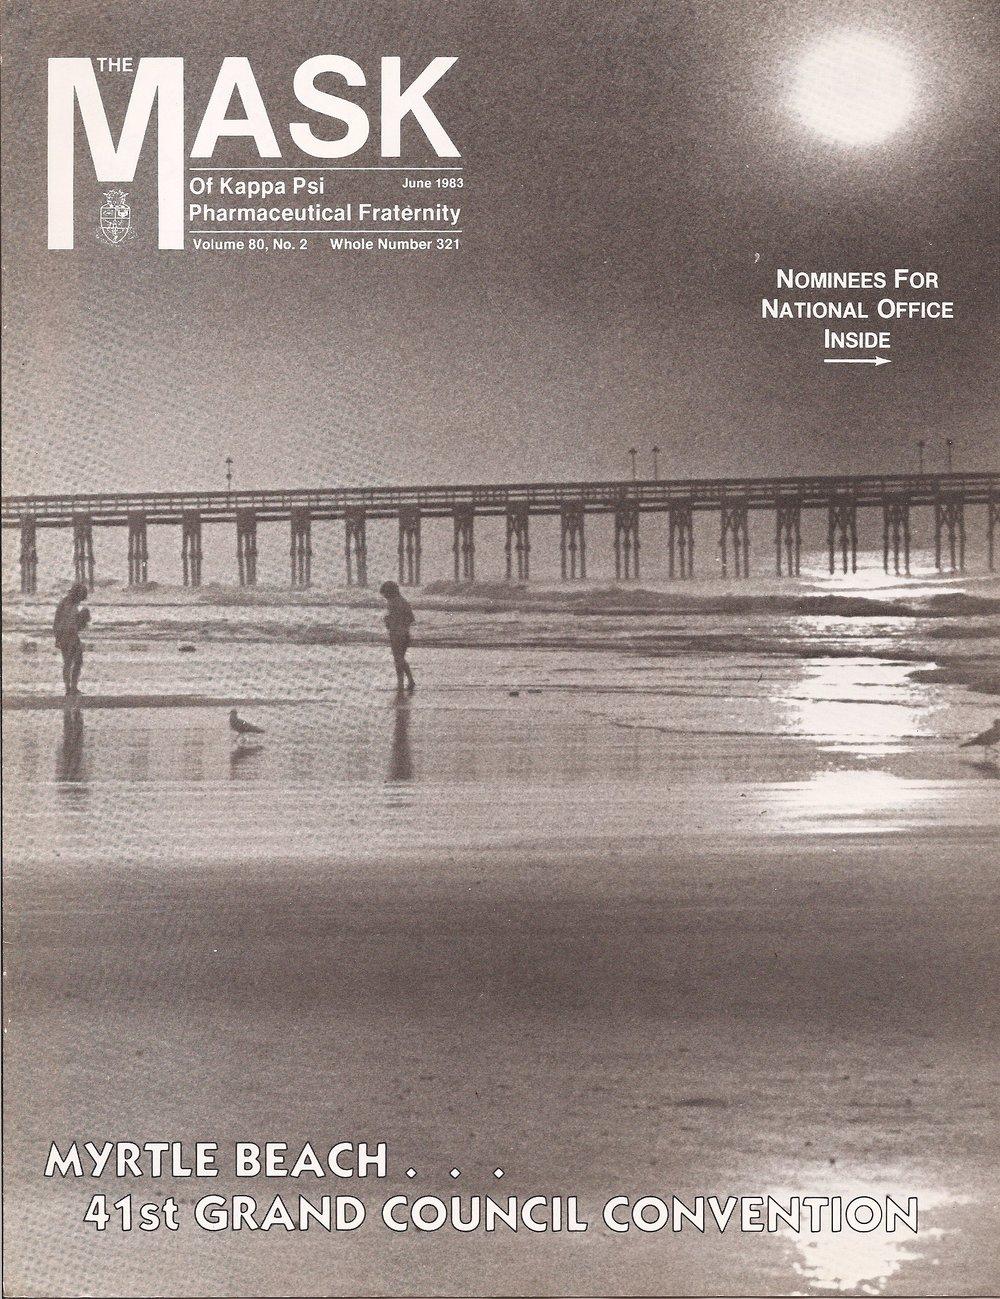 mask_cover_06_1983.jpg